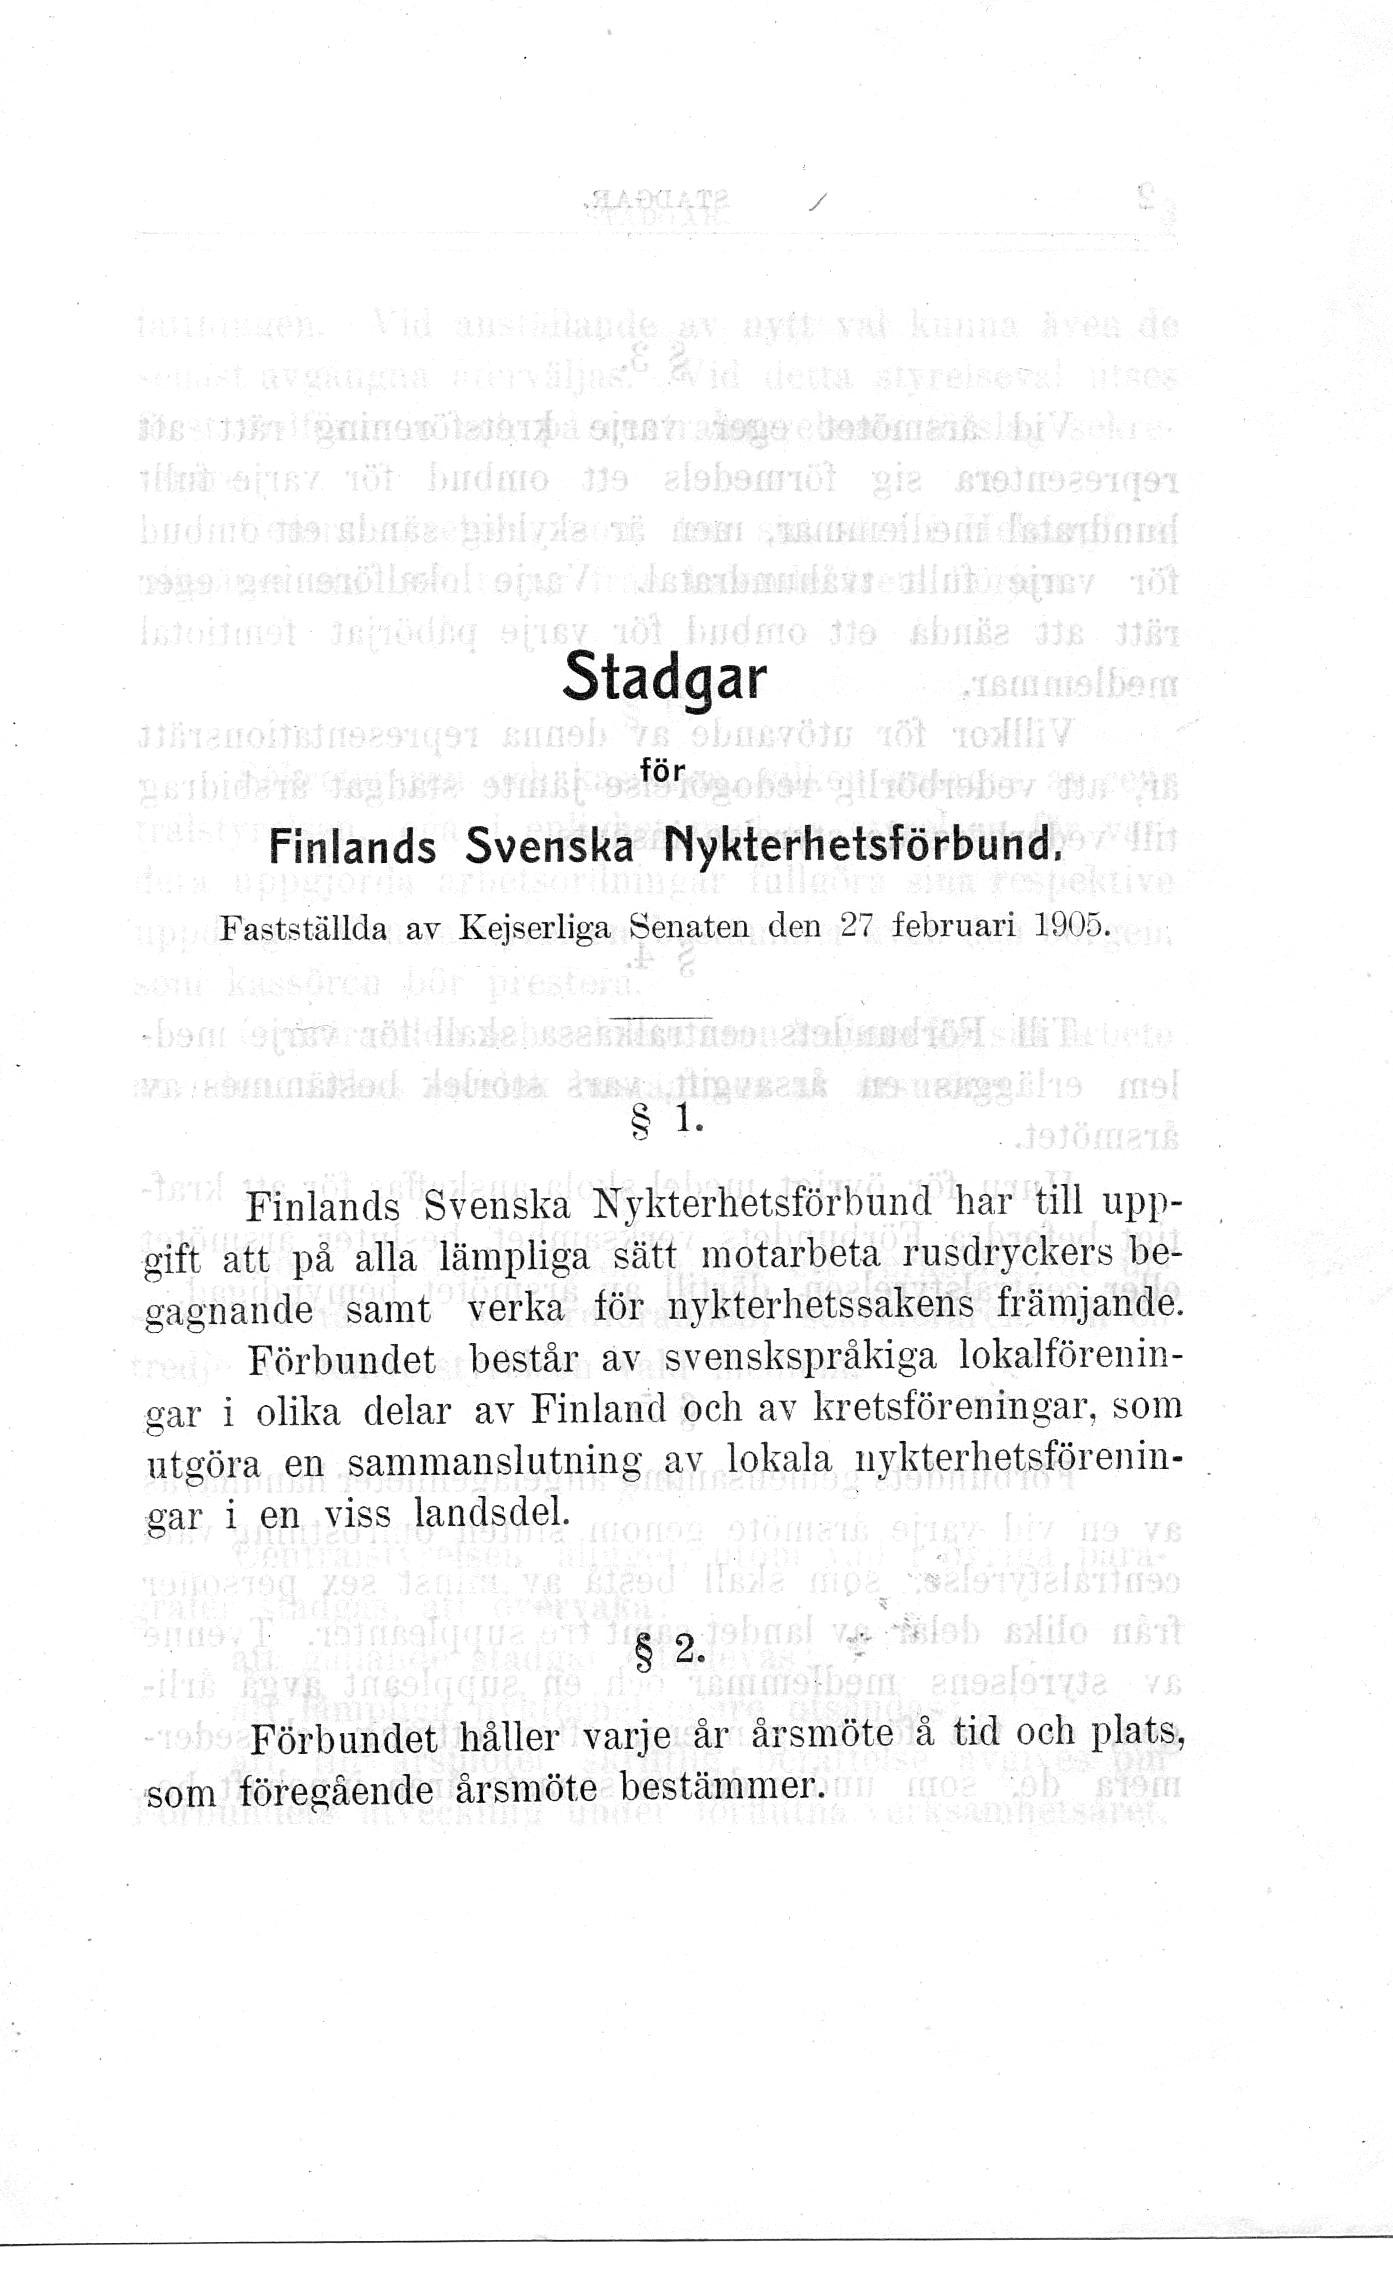 Stadgar sid 1